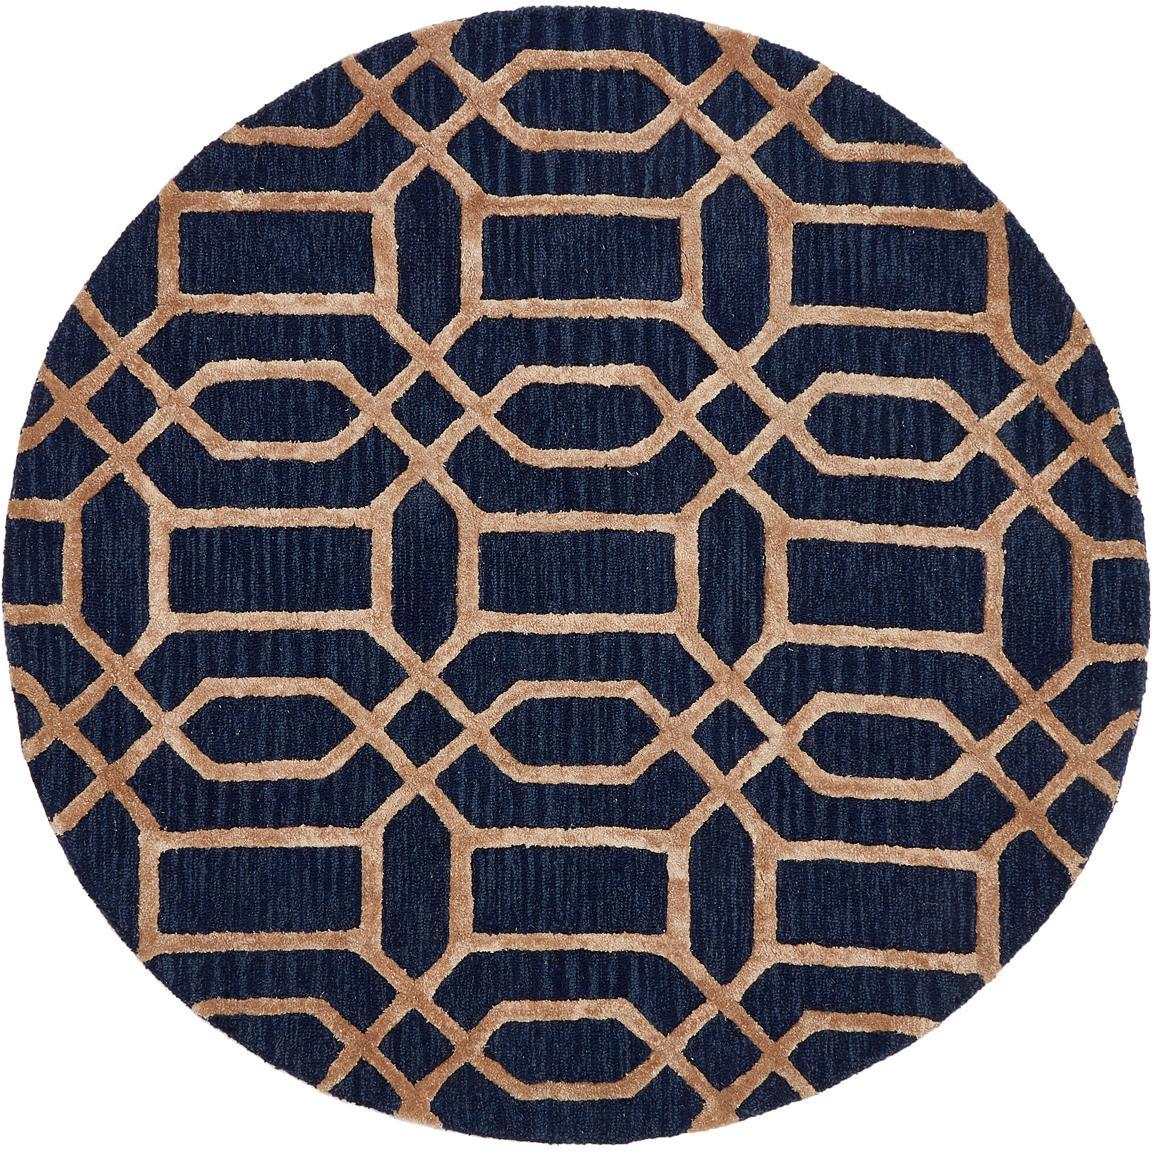 Alfombra redonda de lana Vegas, Parte superior: 80%lana, 20%viscosa Rev, Azul oscuro, marrón, Ø 150 cm (Tamaño M)